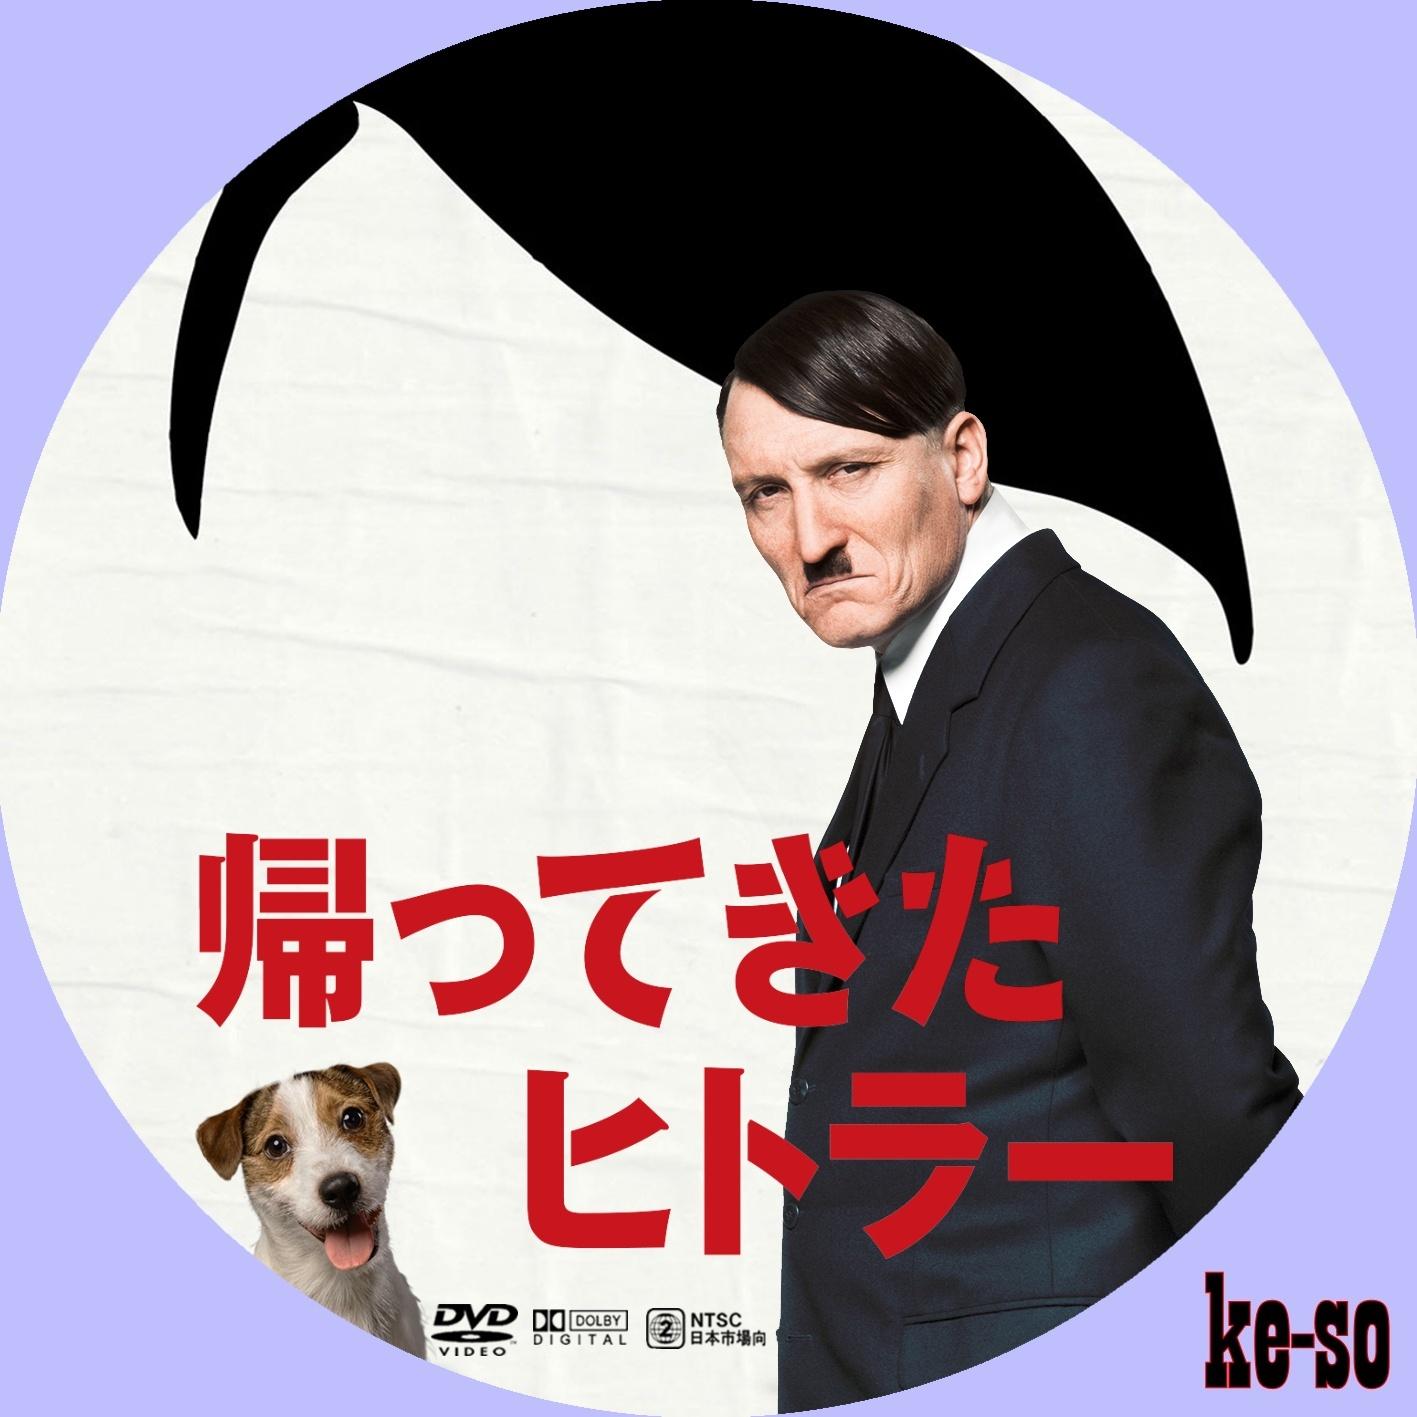 帰っ てき た ヒトラー dvd ラベル